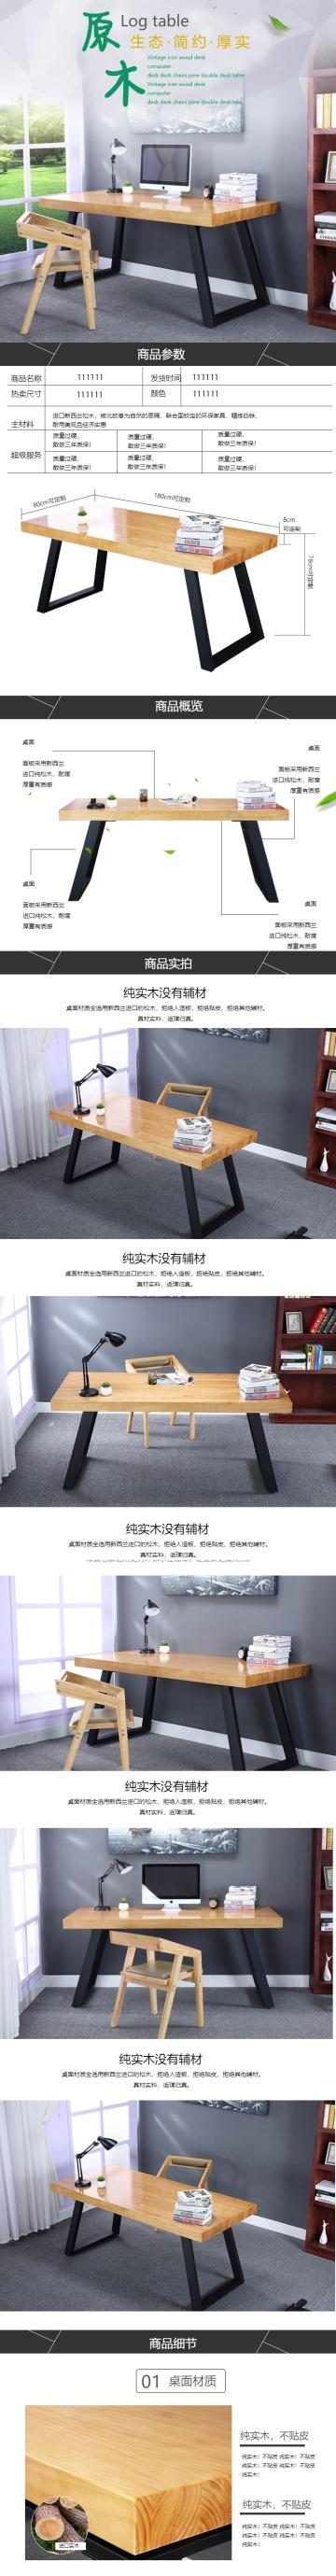 灰色清新简约百货零售家居生活桌子促销电商宝贝详情